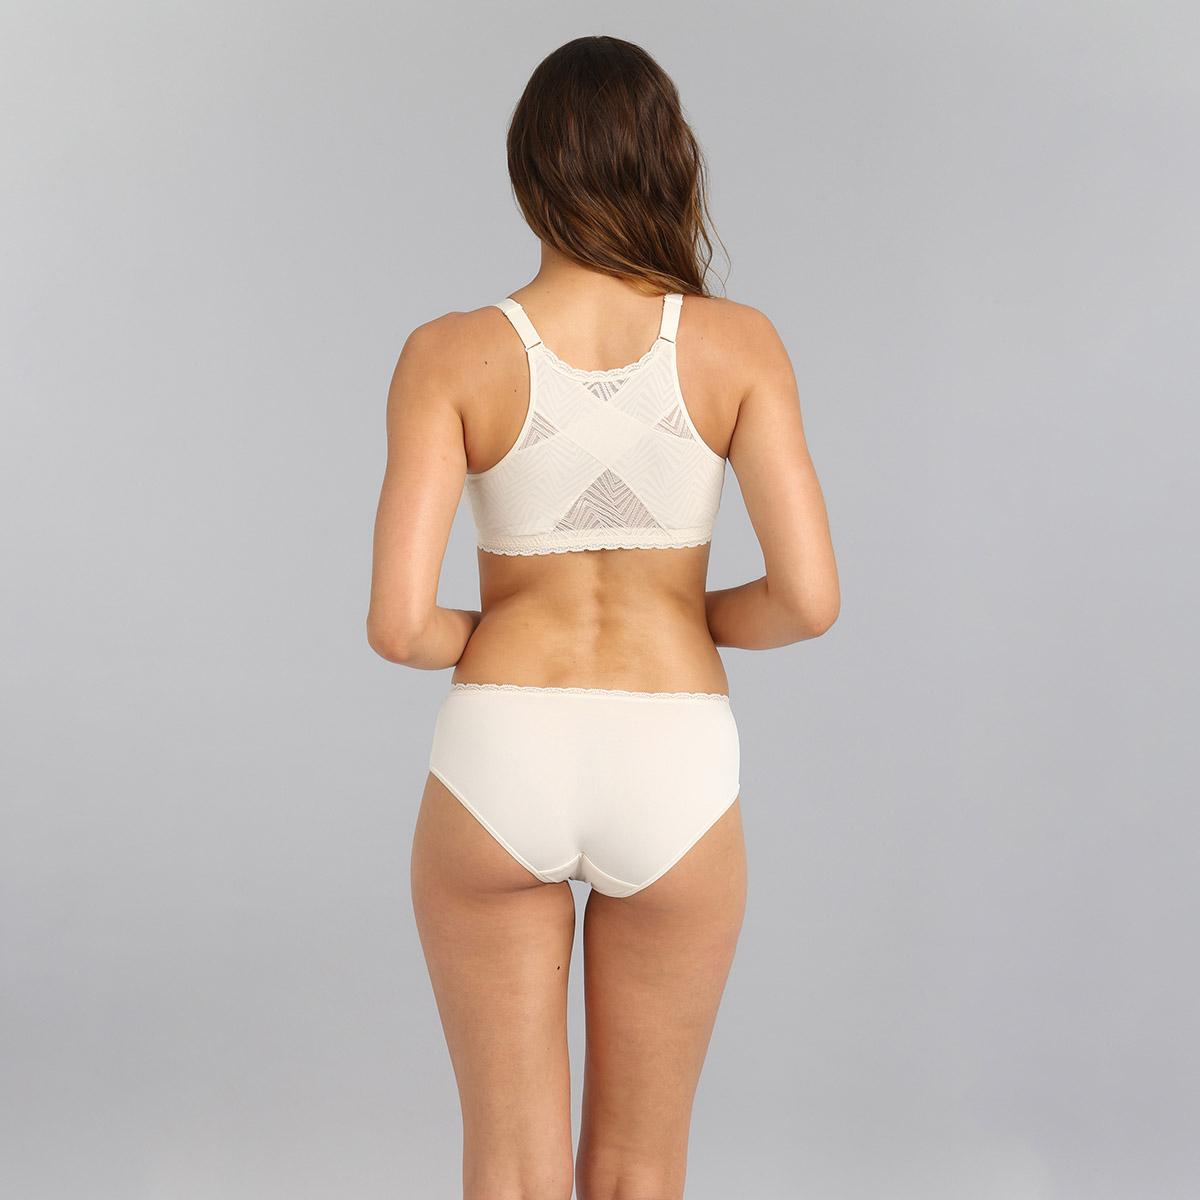 Soutien-gorge ouverture devant ivoire Ideal Posture, , PLAYTEX